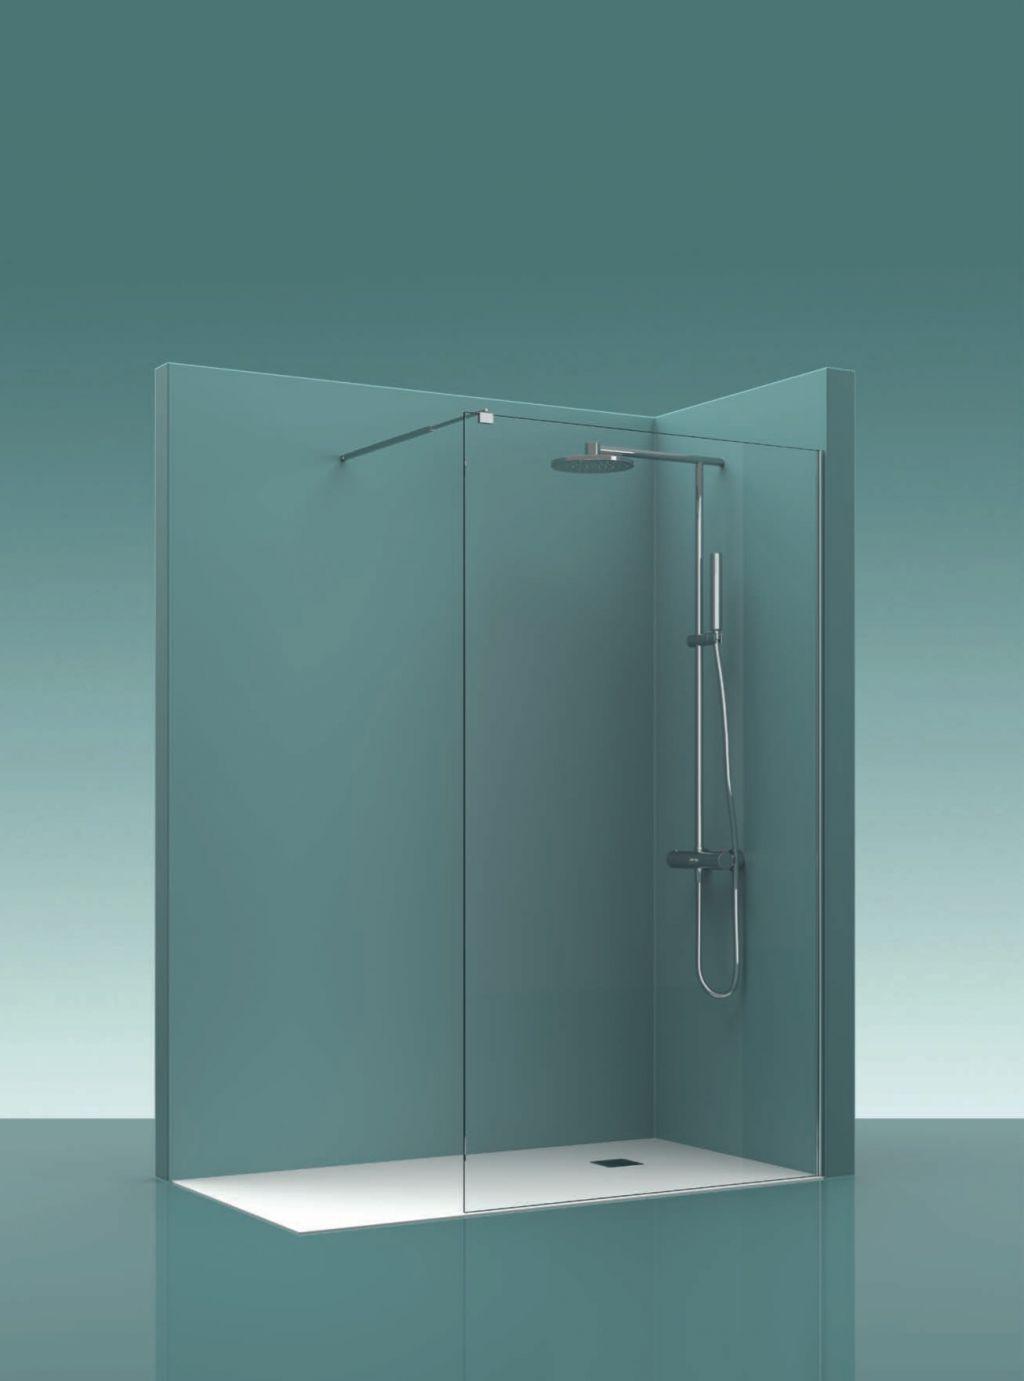 Mampara fia de cristal para el baño | La Cristaleria de Barcelona